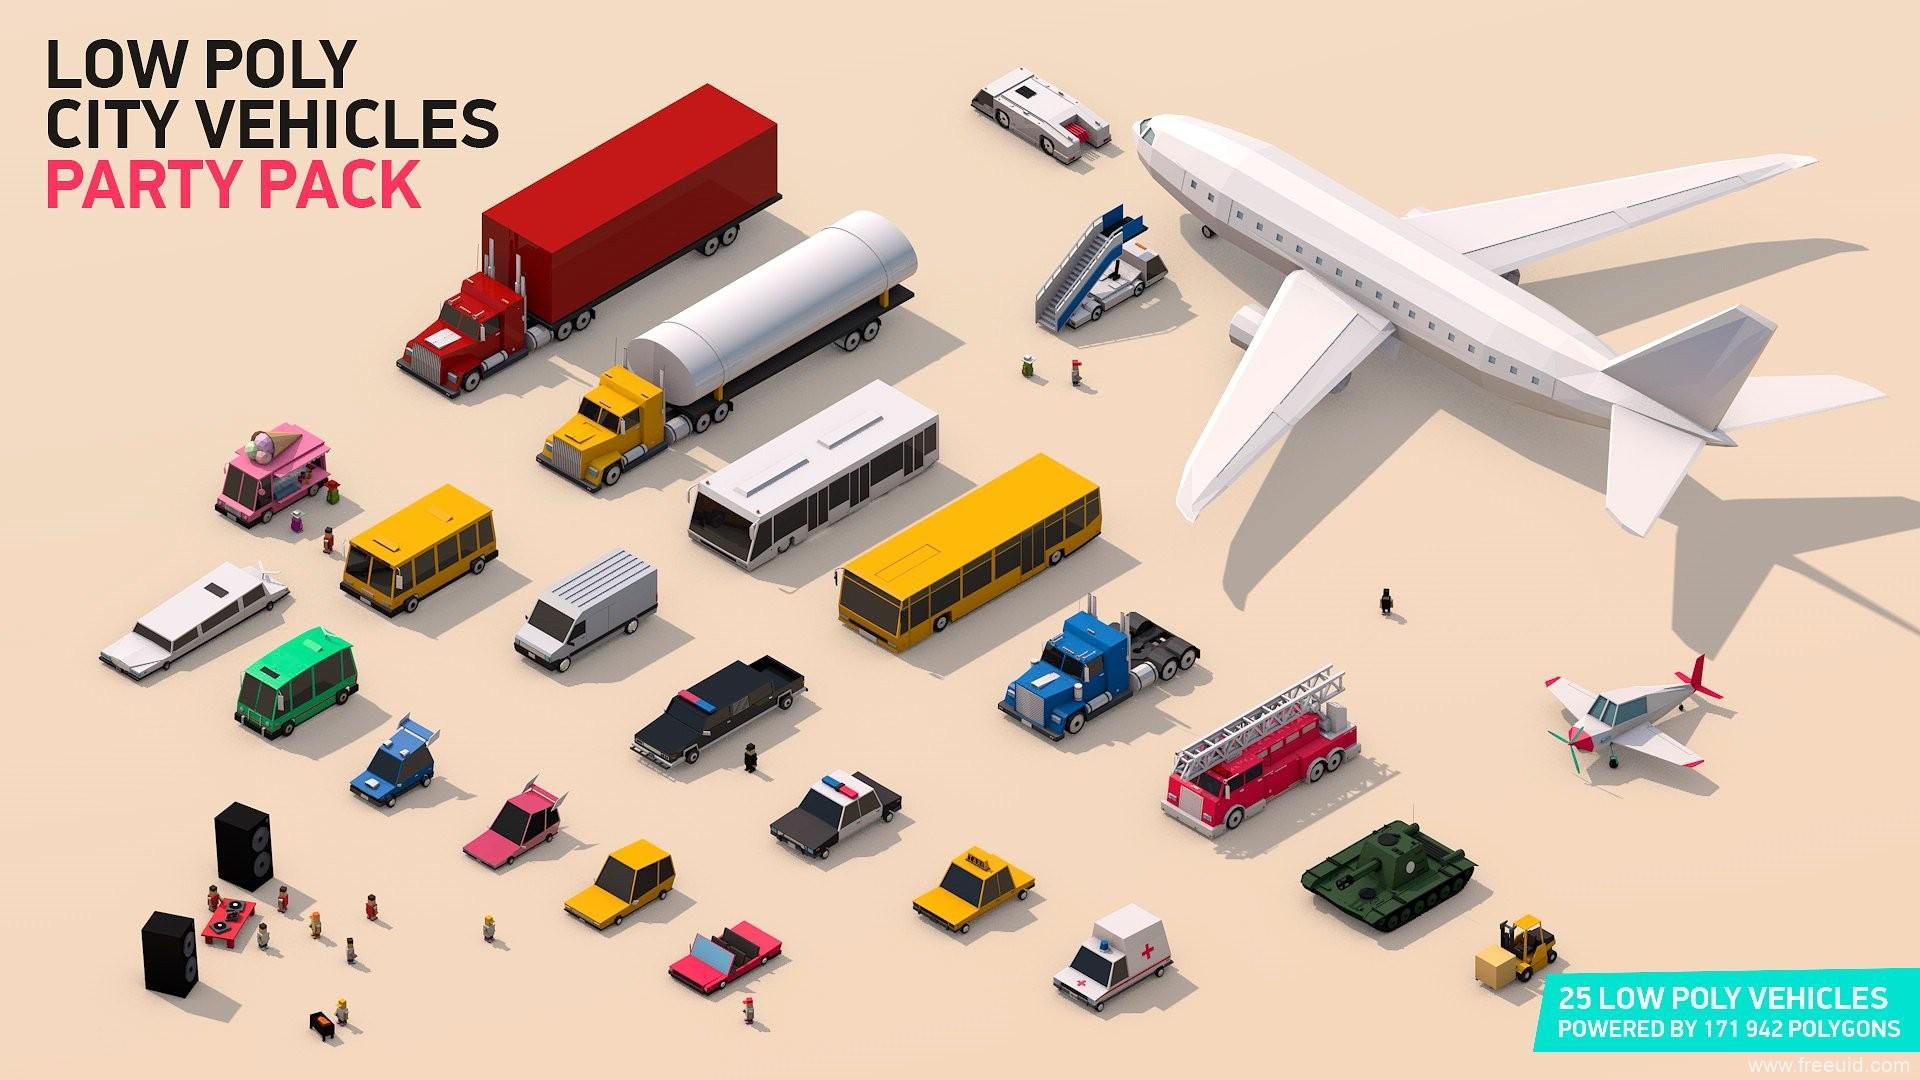 一组低面多边形的汽车交通工具3D模型素材,lowpoly风格交通工具源文件[PSD,C4D,3DS,OBJ]